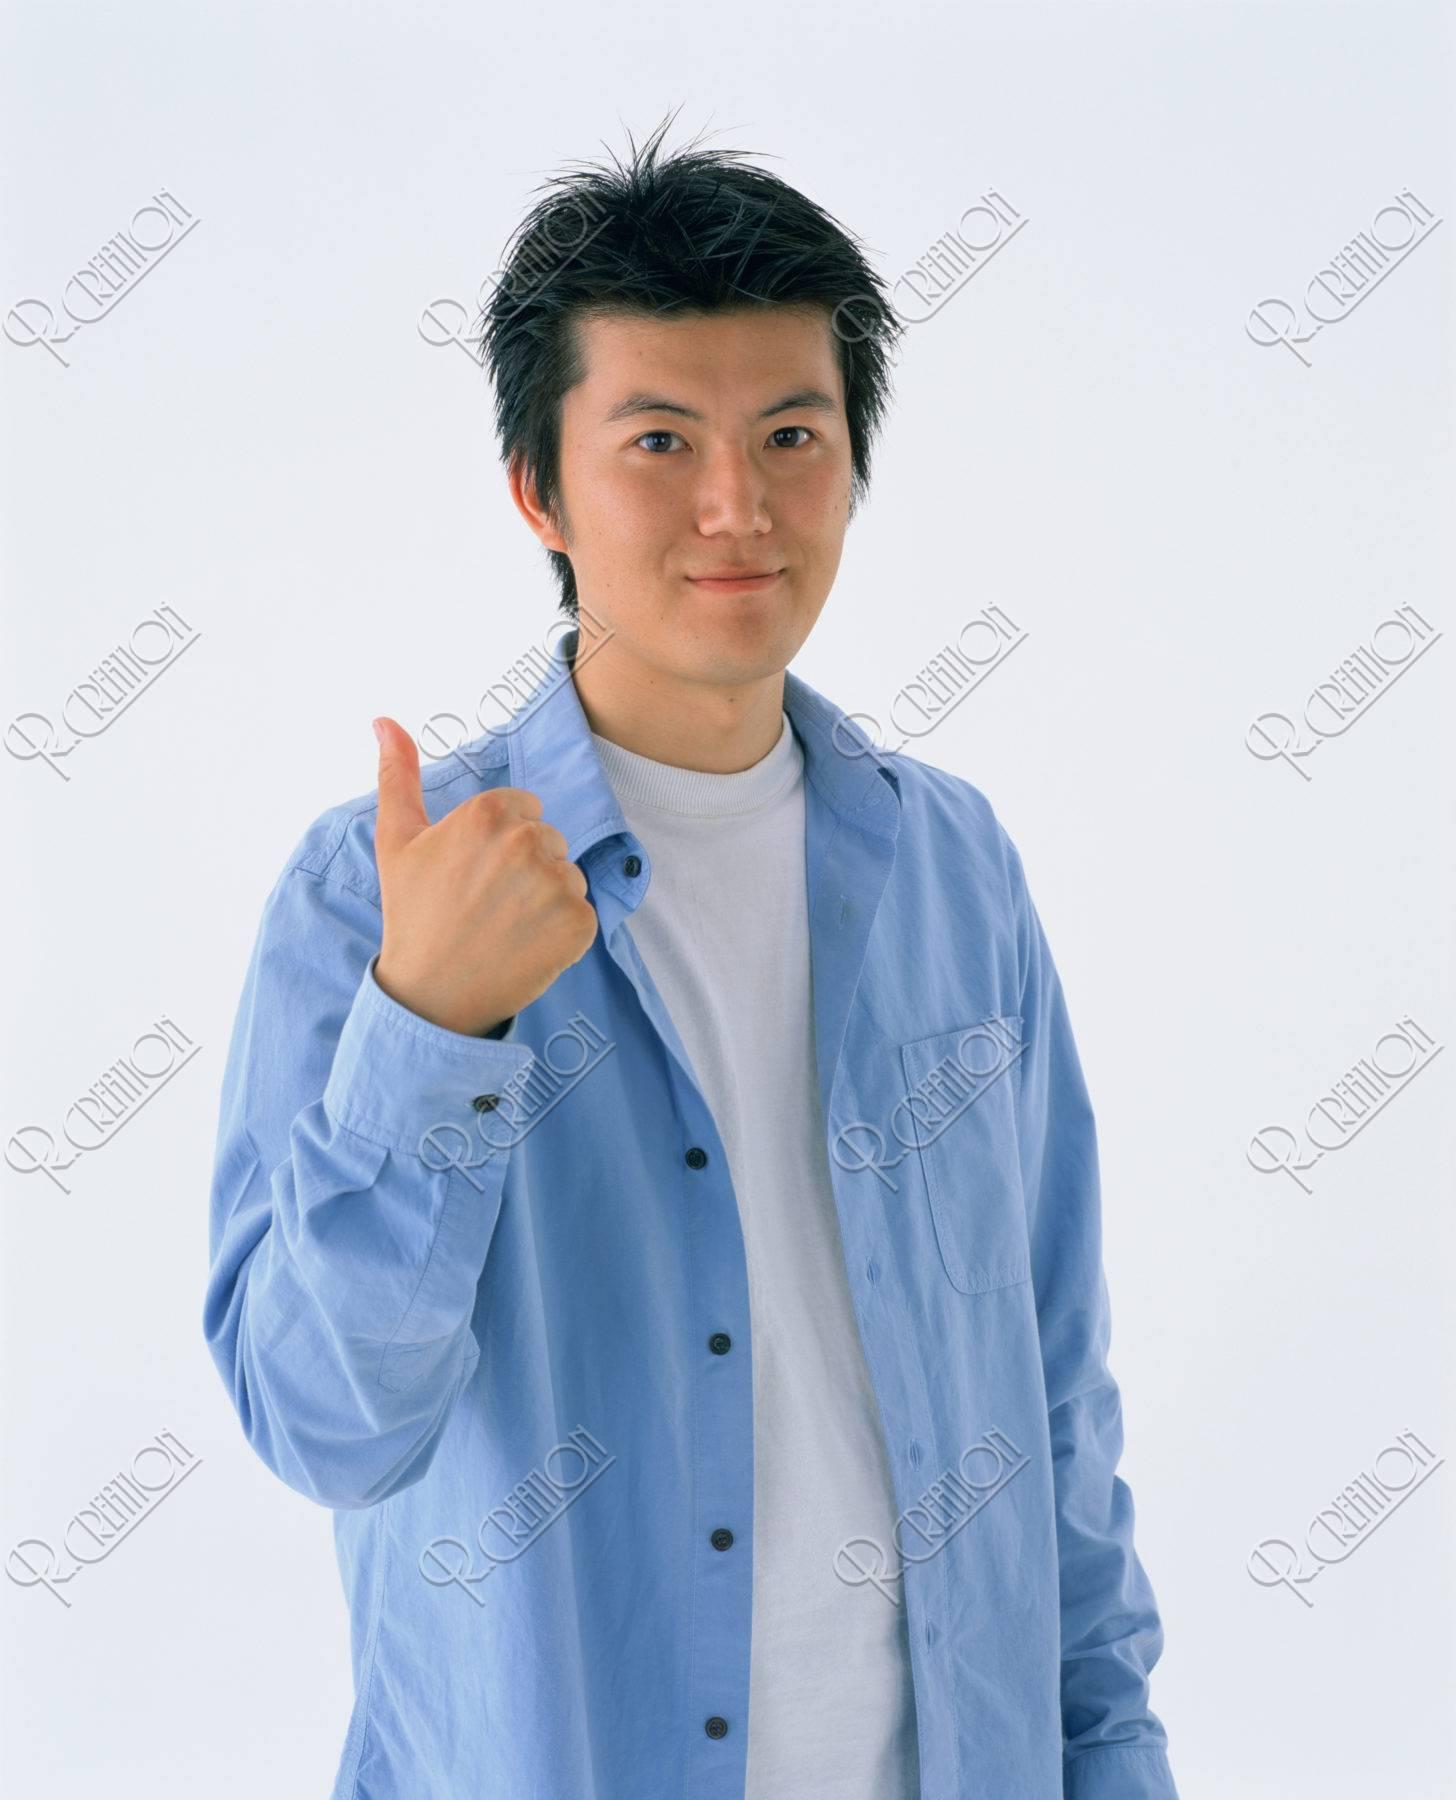 親指を立てる若者